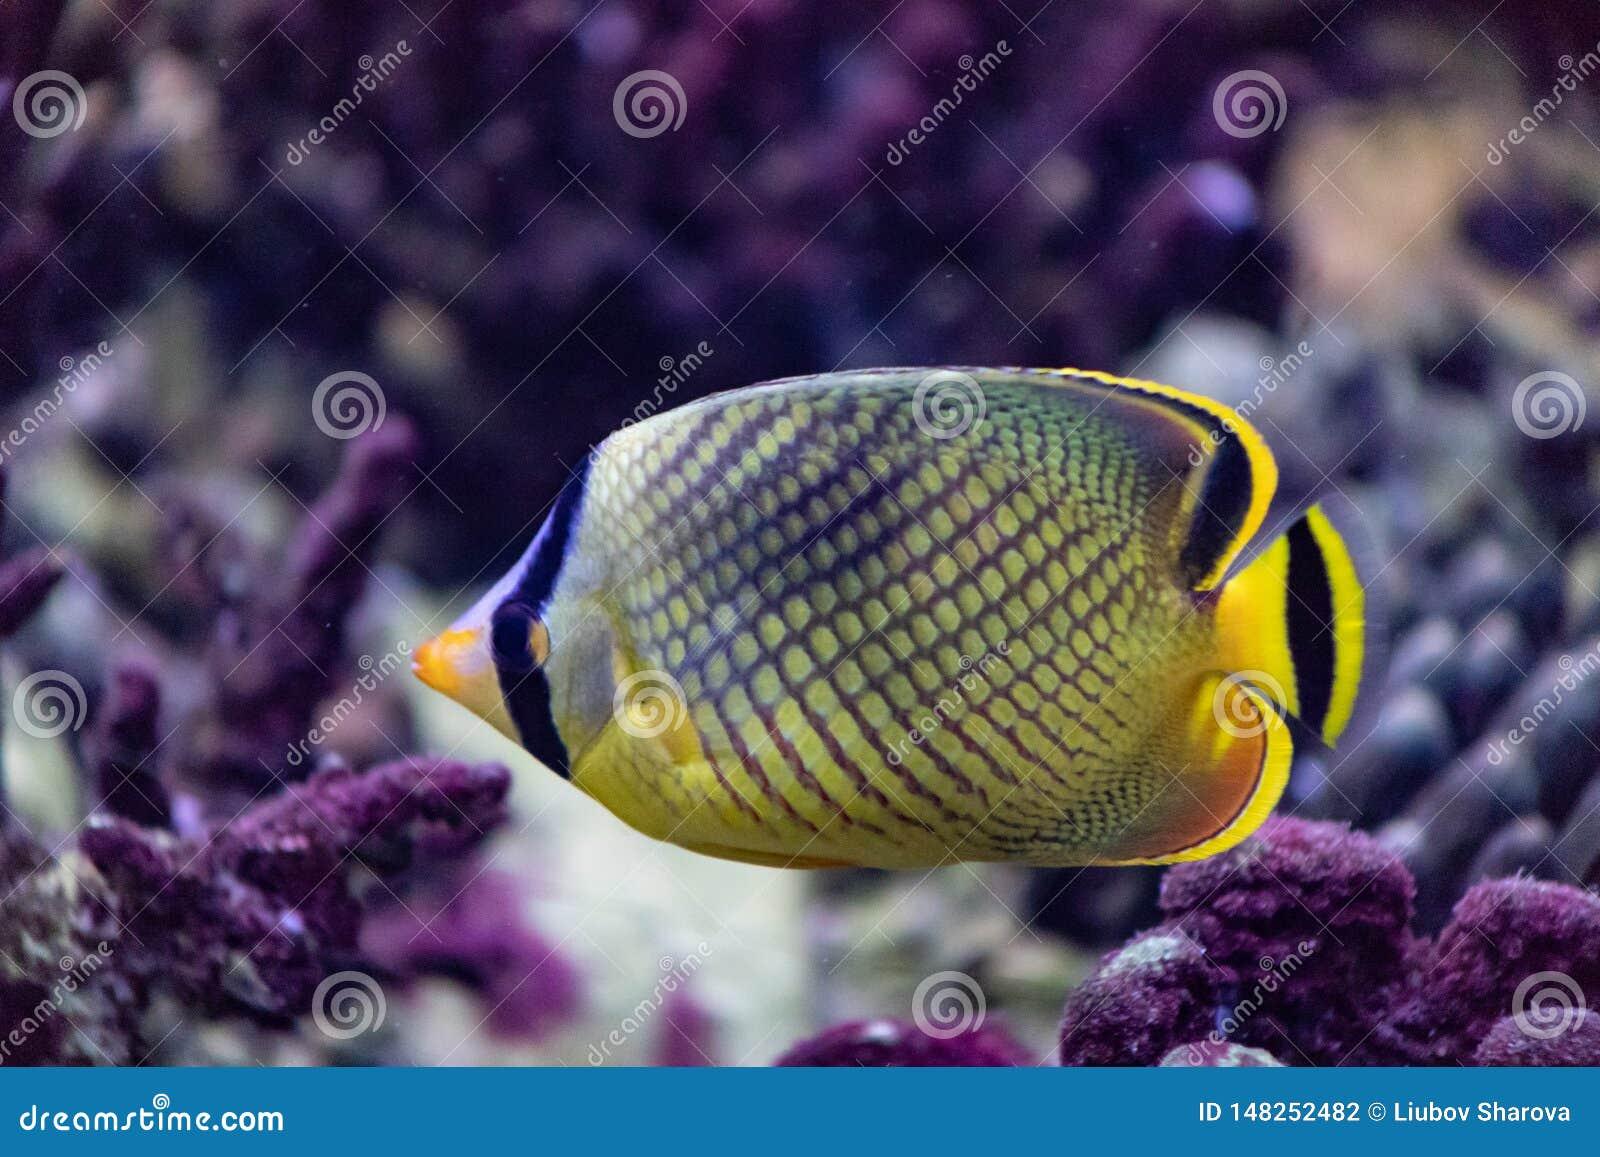 El pescado de la mariposa es un pescado de mar brillante que vive principalmente en los arrecifes de coral